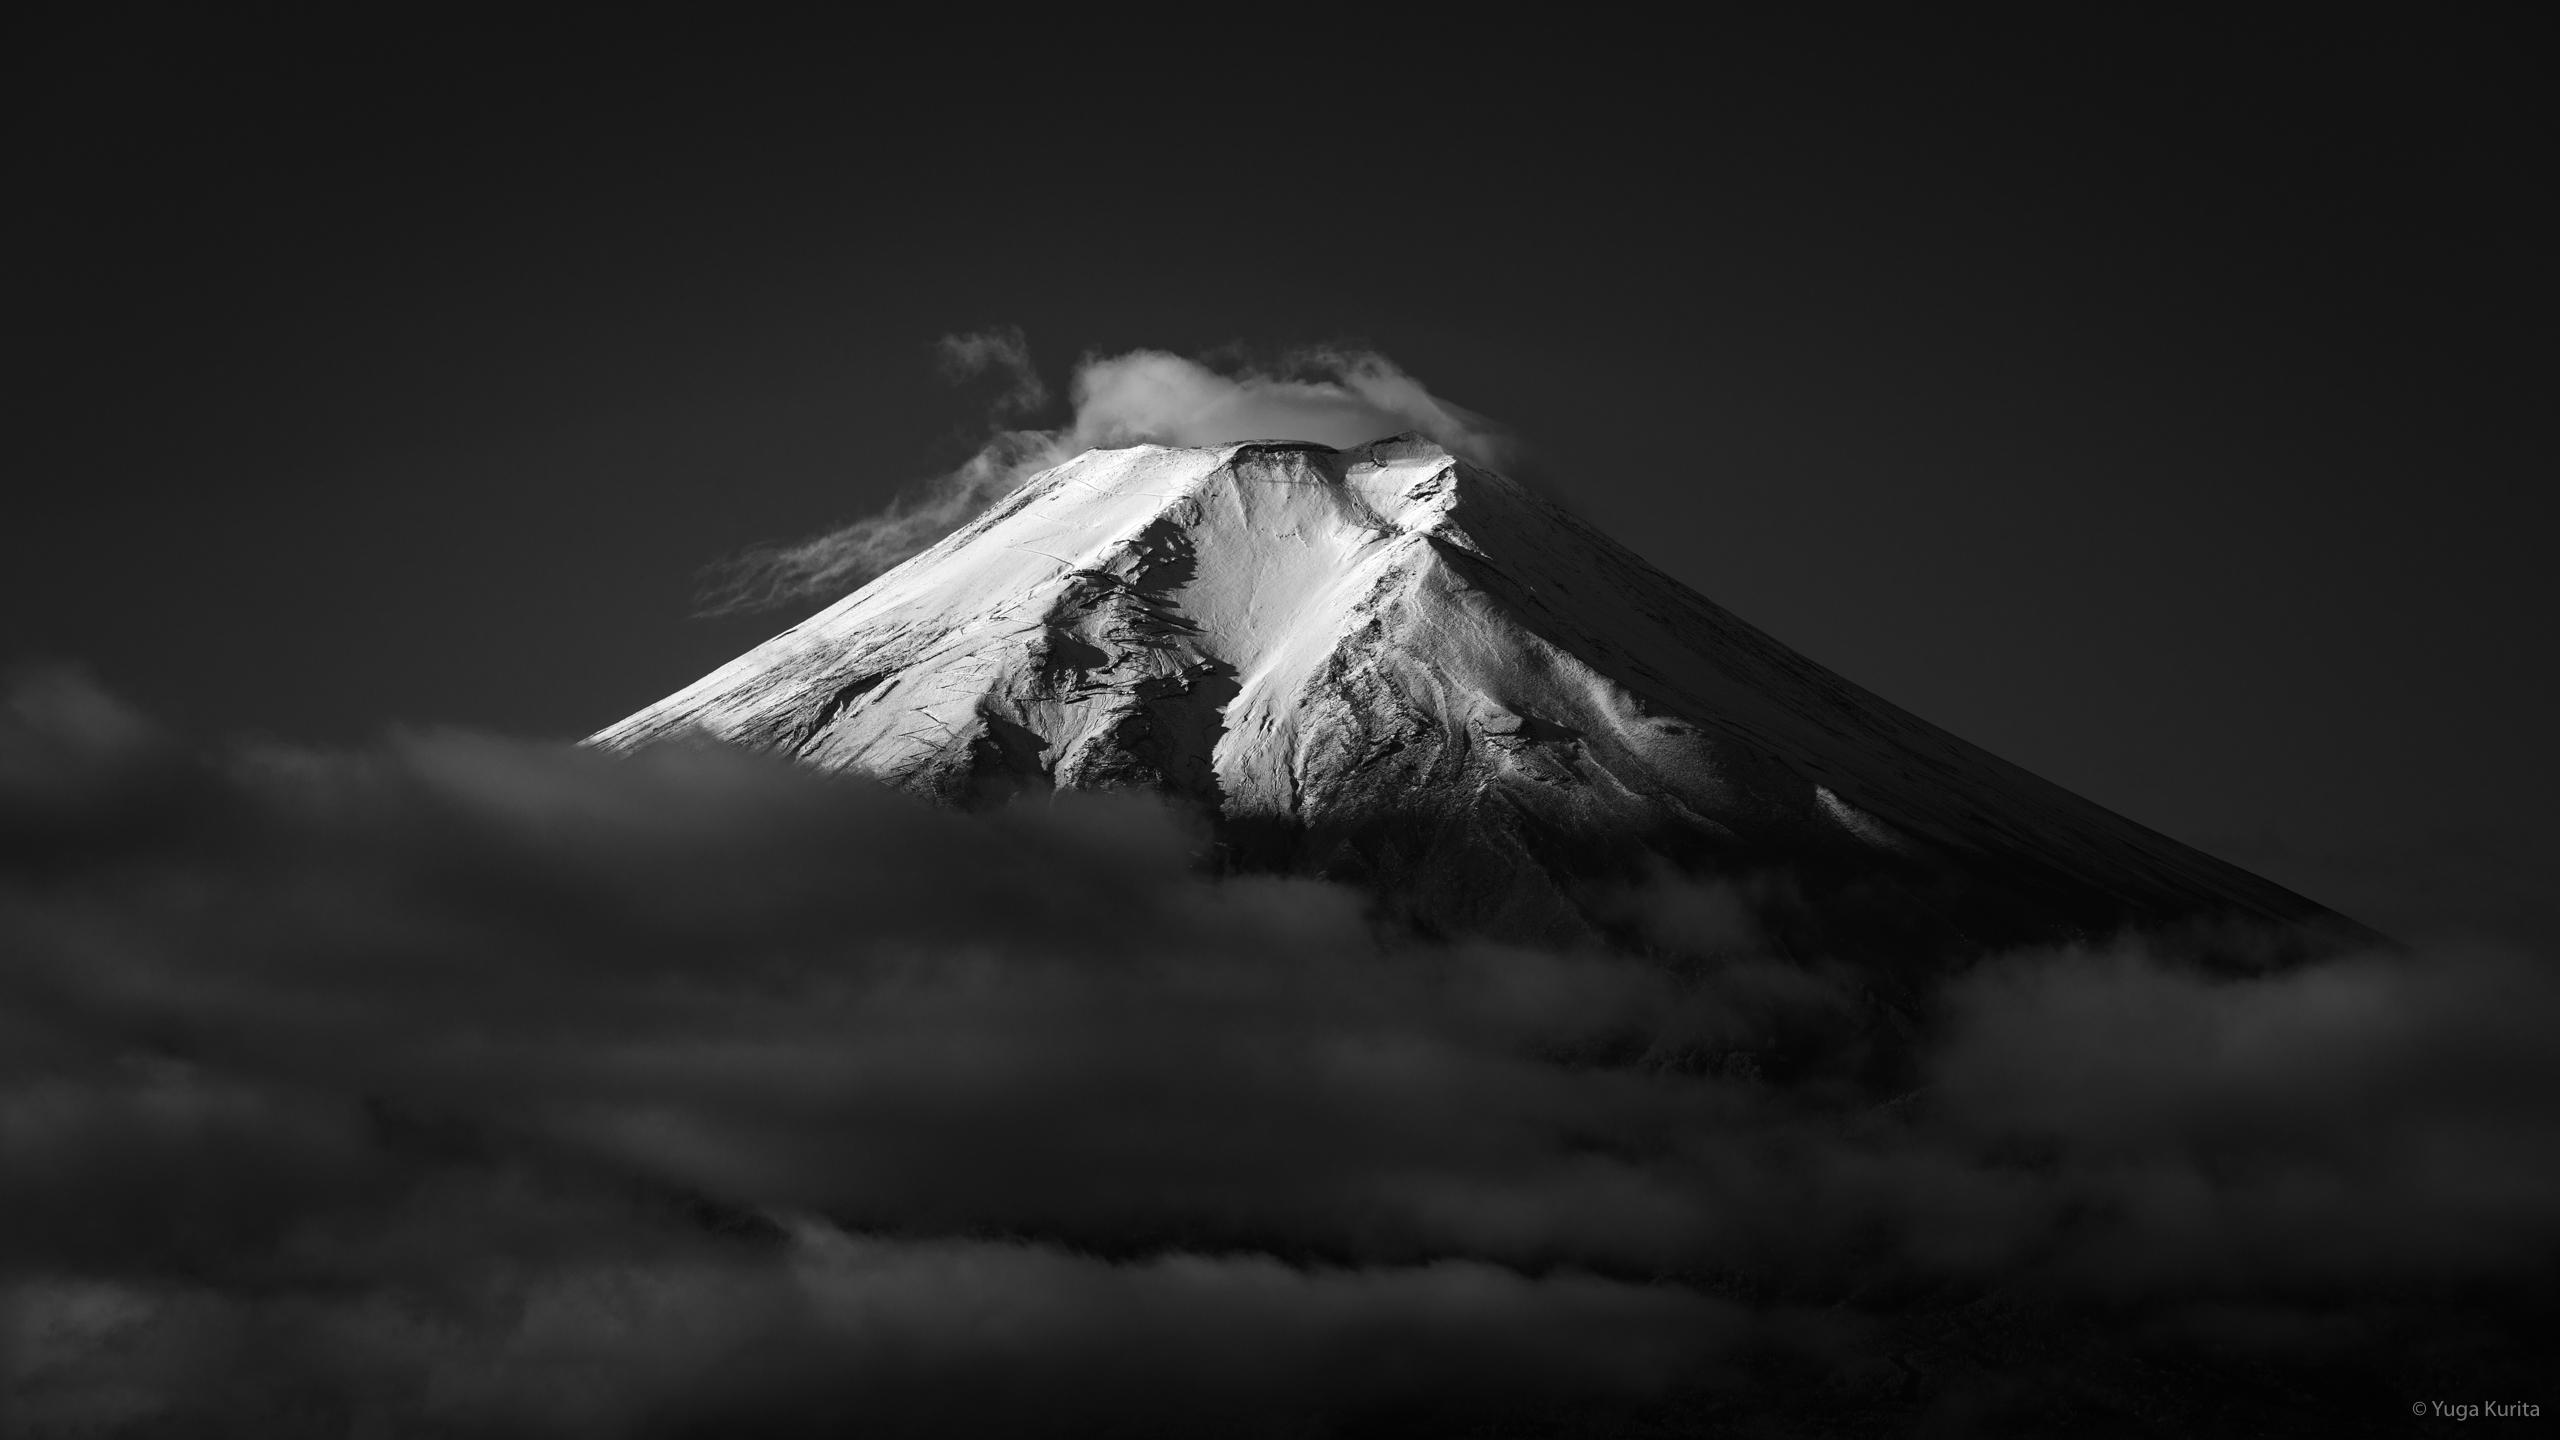 Windows Spotlightで使用されている白黒の富士山を壁紙としてプレゼント